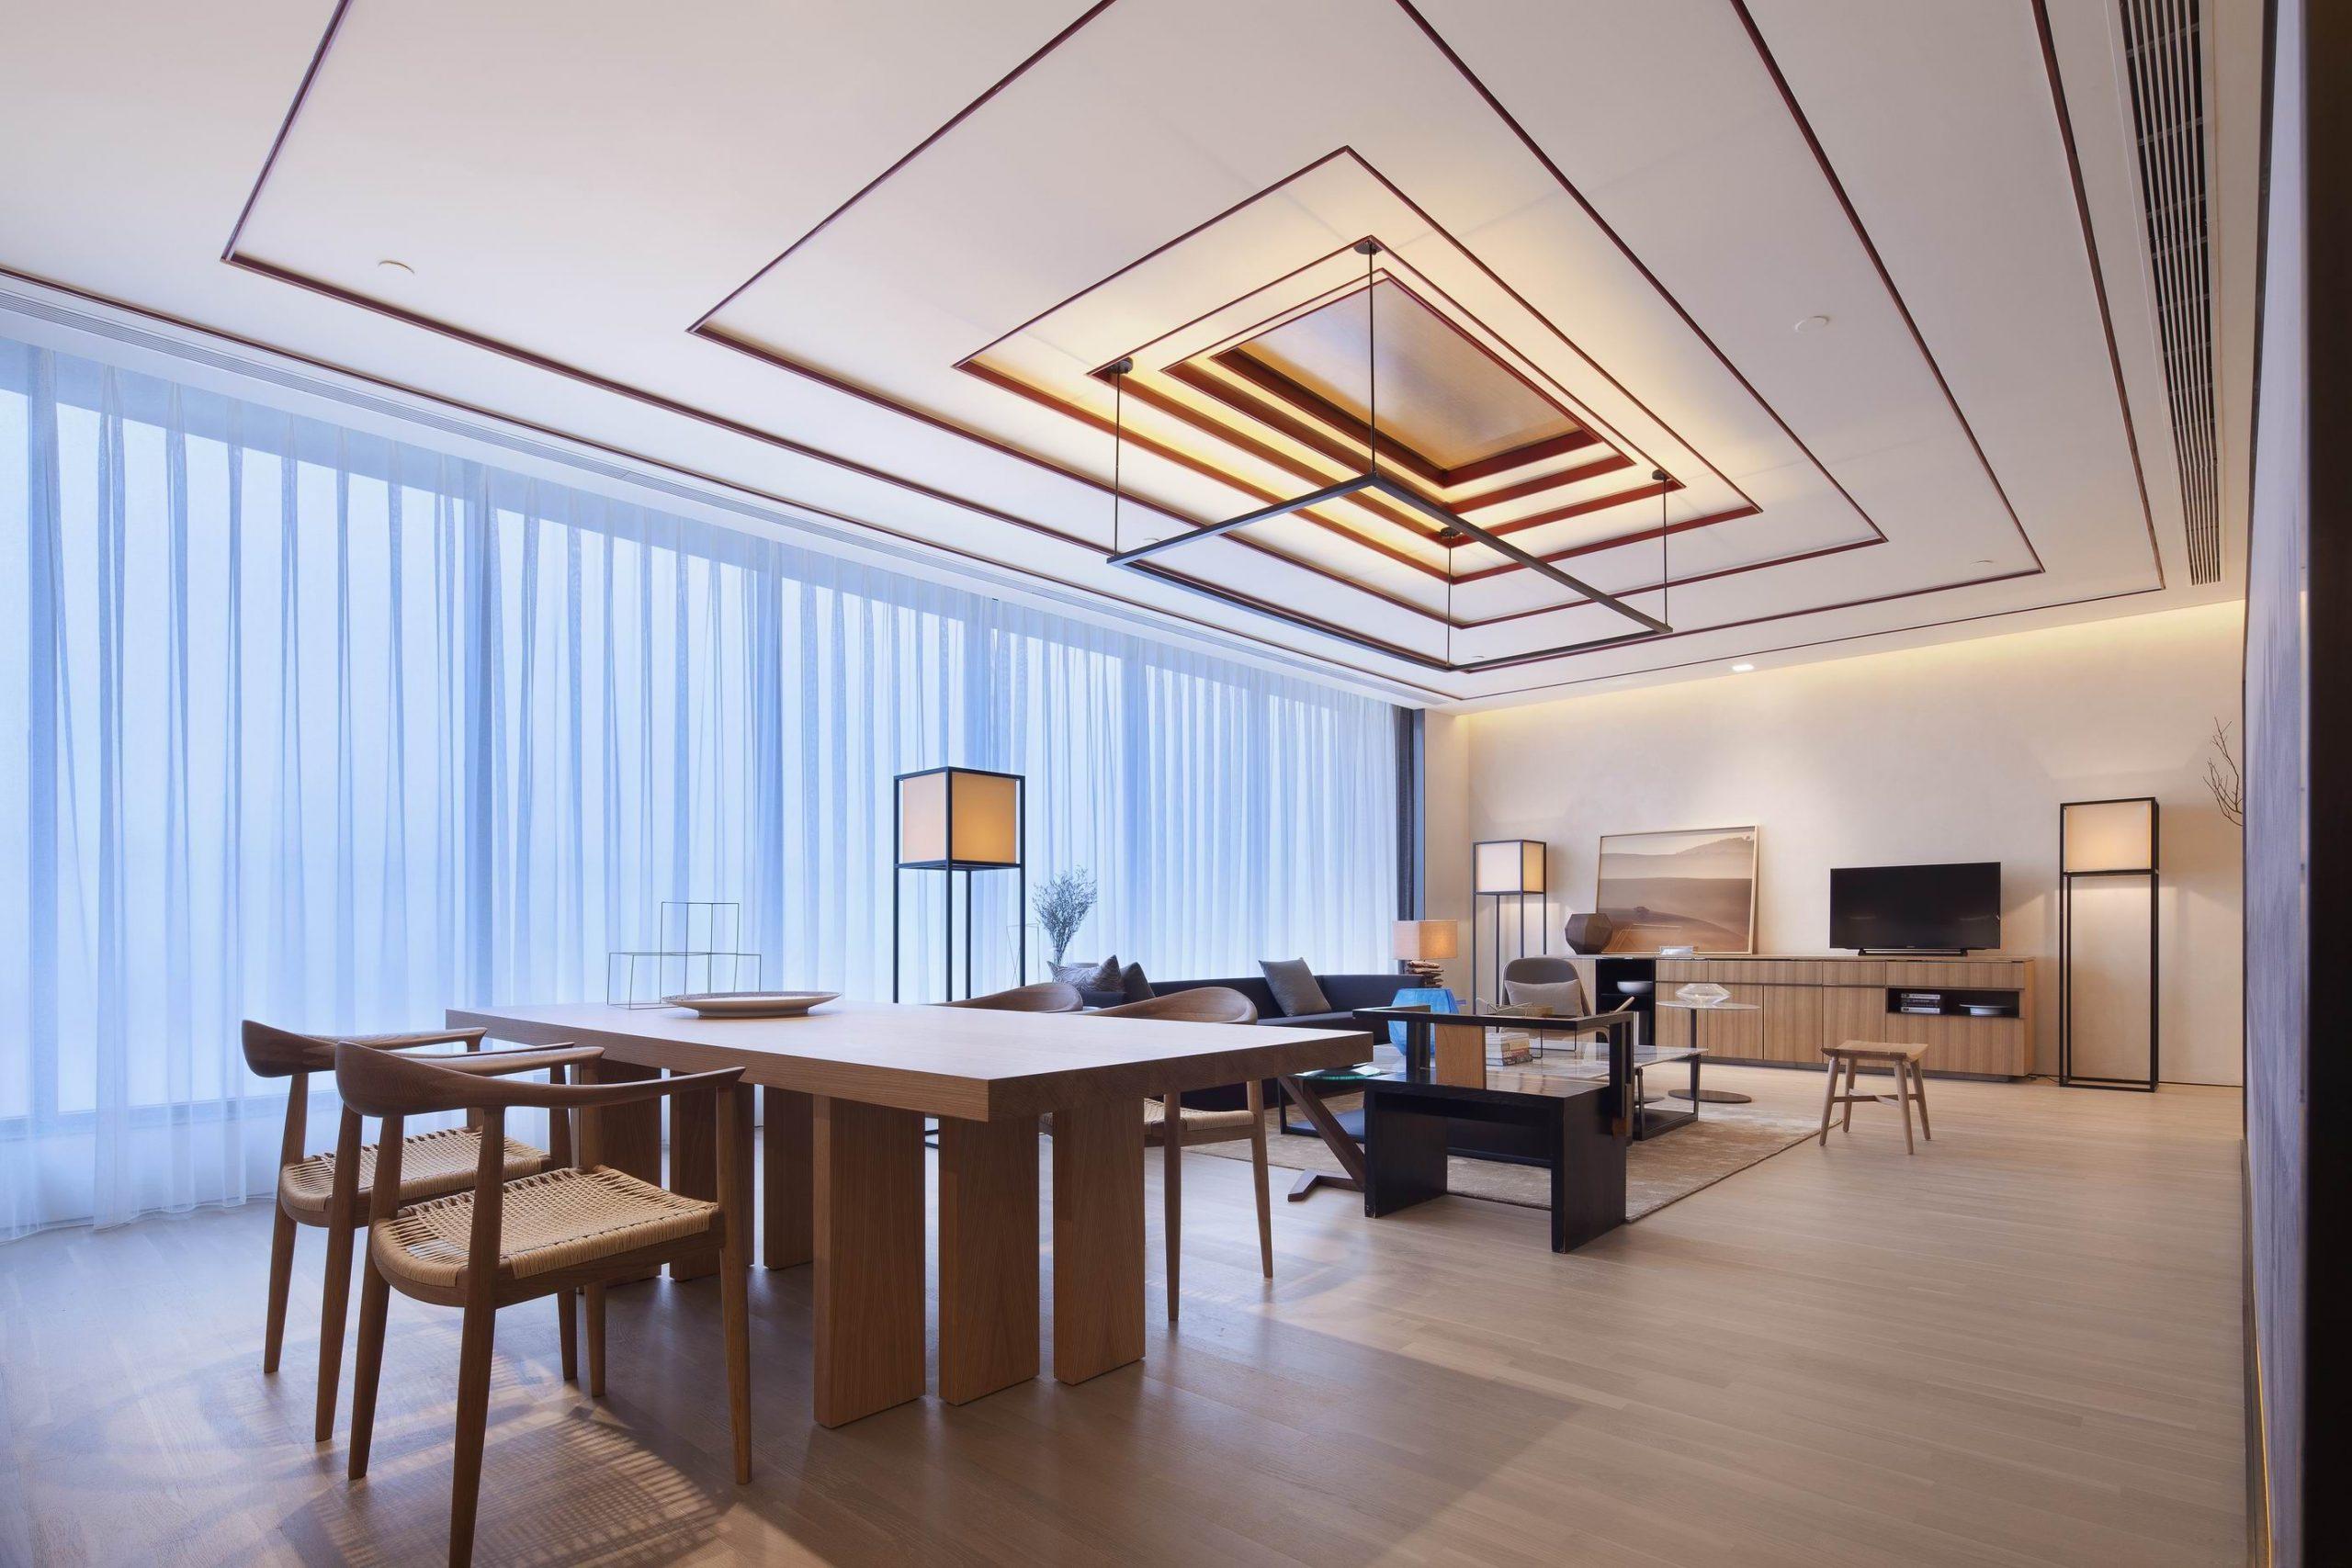 Thiết kế căn hộ với phong cách tối giản